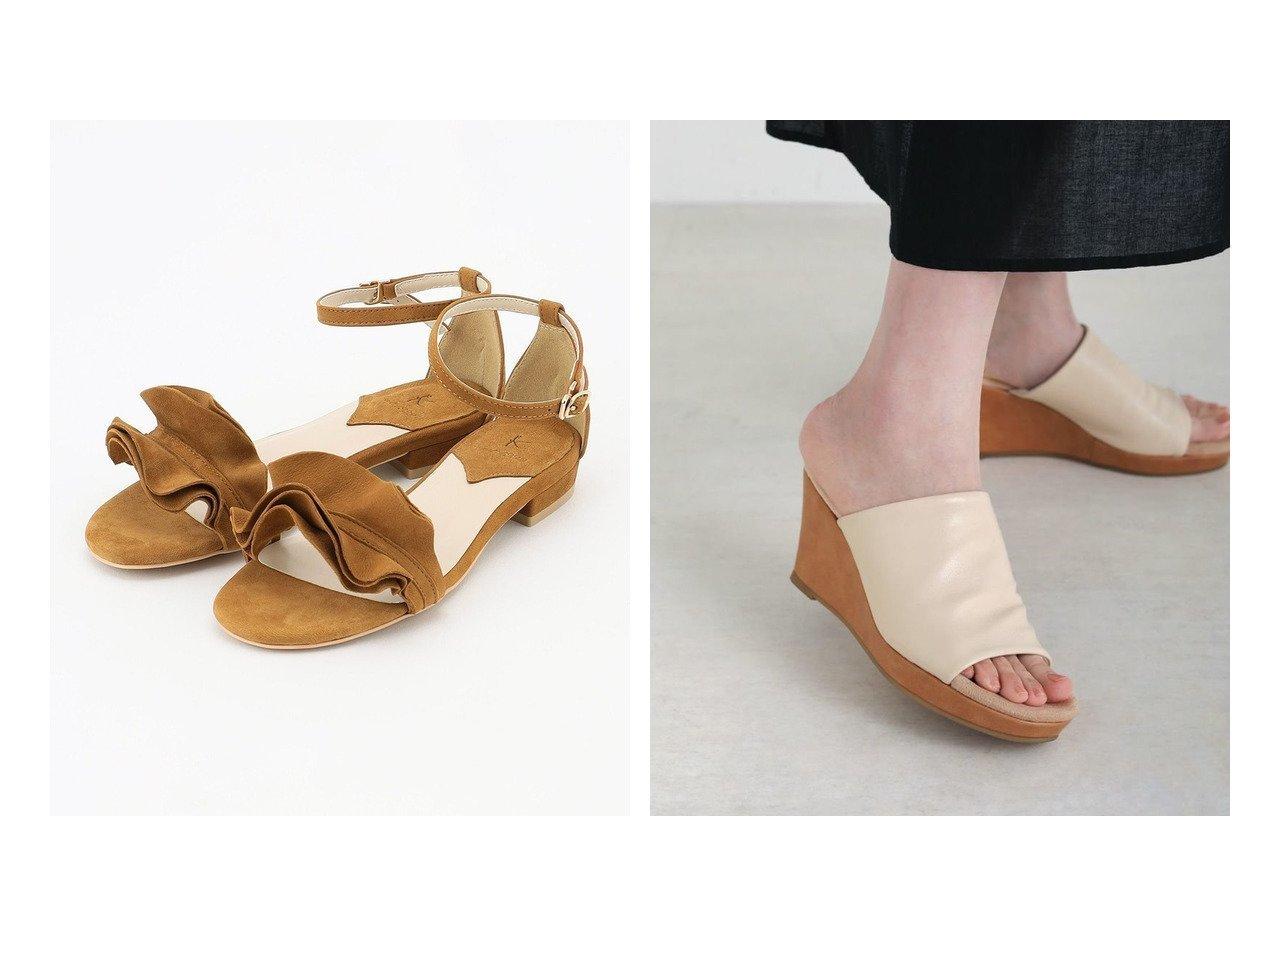 【KUMIKYOKU/組曲】のフリル アンクルサンダル&【Bou Jeloud/ブージュルード】のモッチリフィットウェッジサンダル 【シューズ・靴】おすすめ!人気、トレンド・レディースファッションの通販 おすすめで人気の流行・トレンド、ファッションの通販商品 インテリア・家具・メンズファッション・キッズファッション・レディースファッション・服の通販 founy(ファニー) https://founy.com/ ファッション Fashion レディースファッション WOMEN 送料無料 Free Shipping 2021年 2021 2021春夏・S/S SS/Spring/Summer/2021 S/S・春夏 SS・Spring/Summer アンクル サンダル シューズ スエード フェミニン フラット フリル ラップ リアル クッション ジャージ プチプライス・低価格 Affordable |ID:crp329100000046142